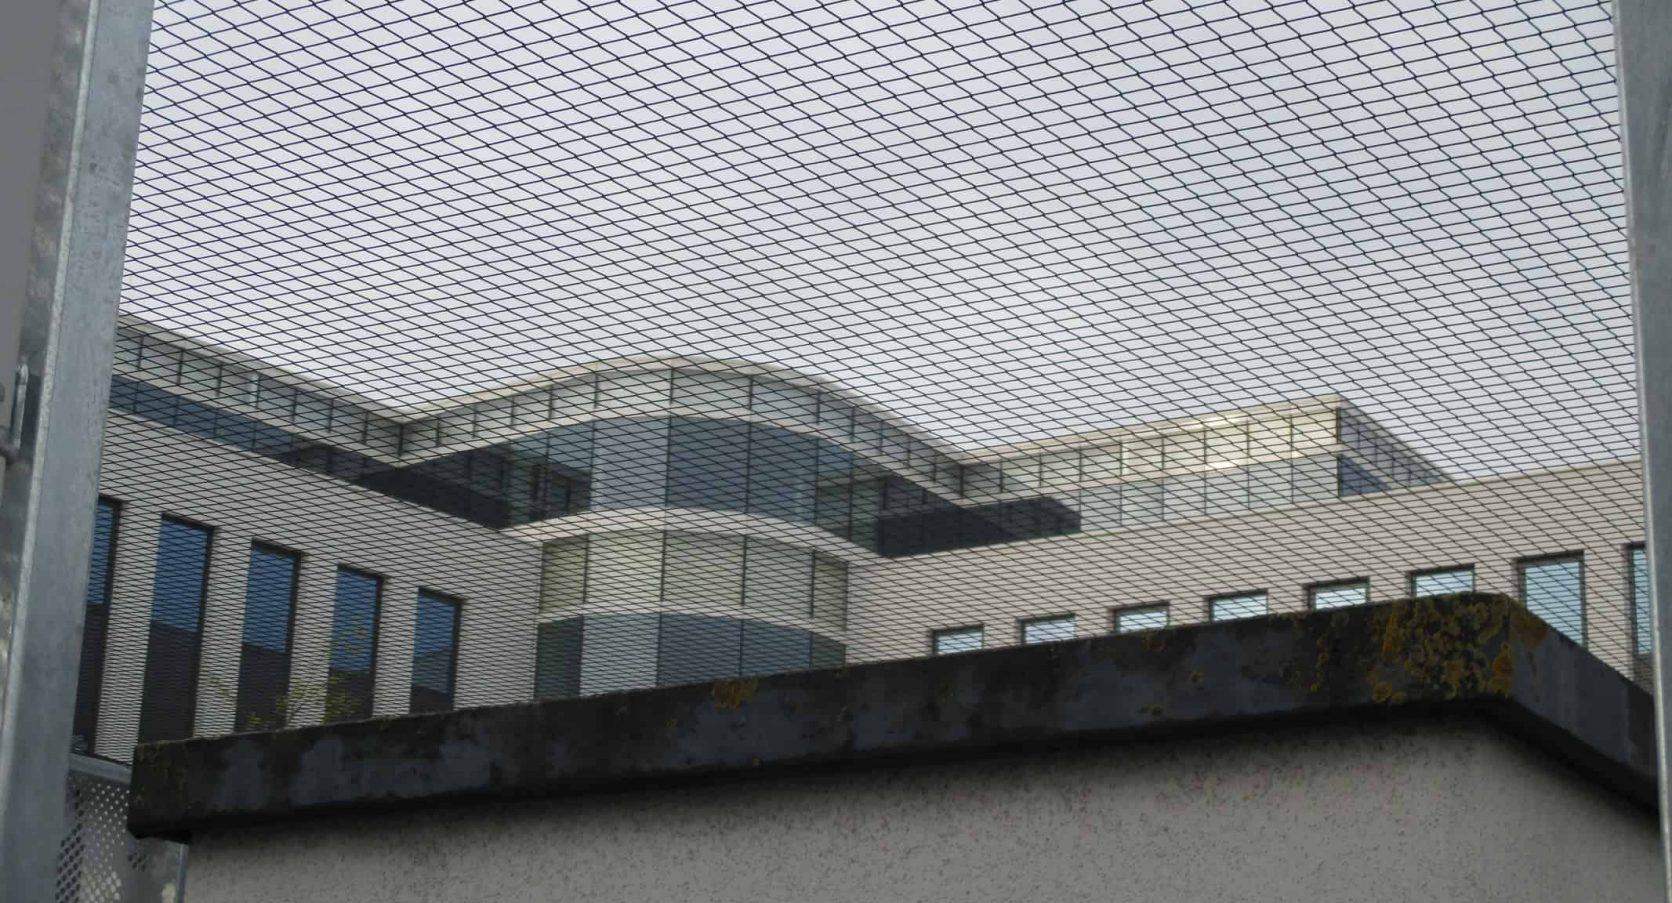 Opslagruimte Paasheuvelweg Amsterdam uitgerust met MD Nettick als doorvalbeveiliging